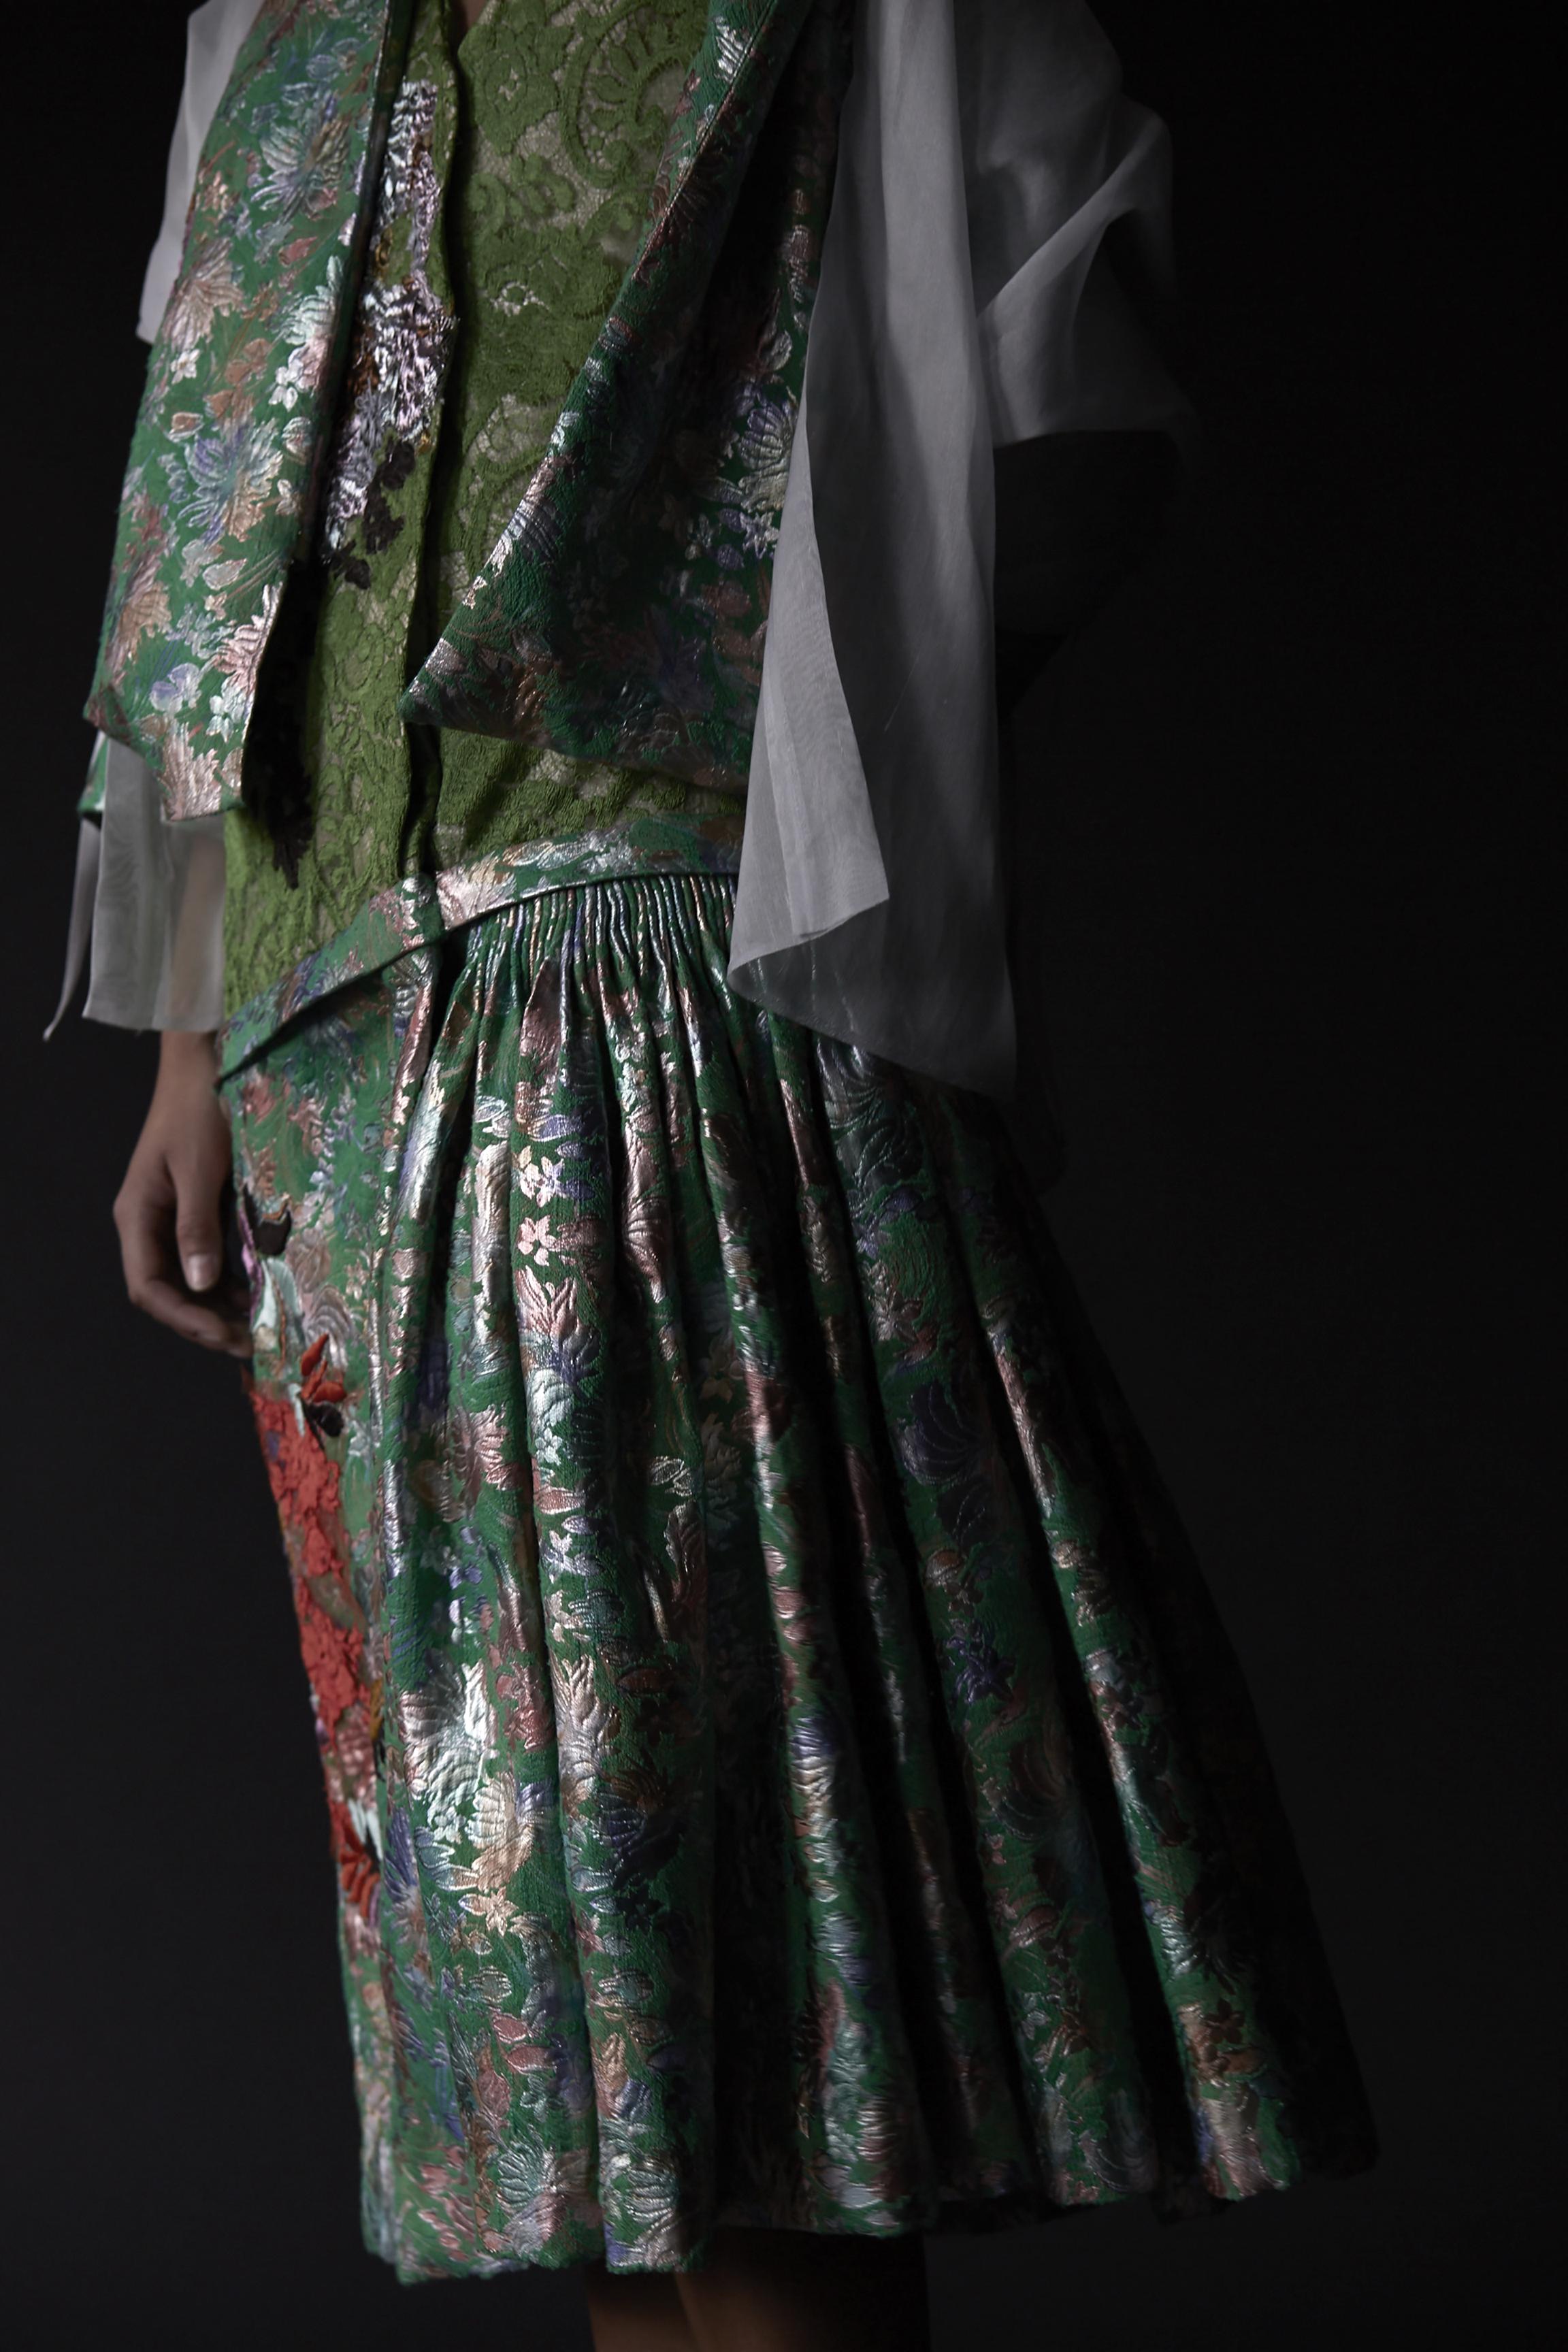 Mayako Kano, 2015